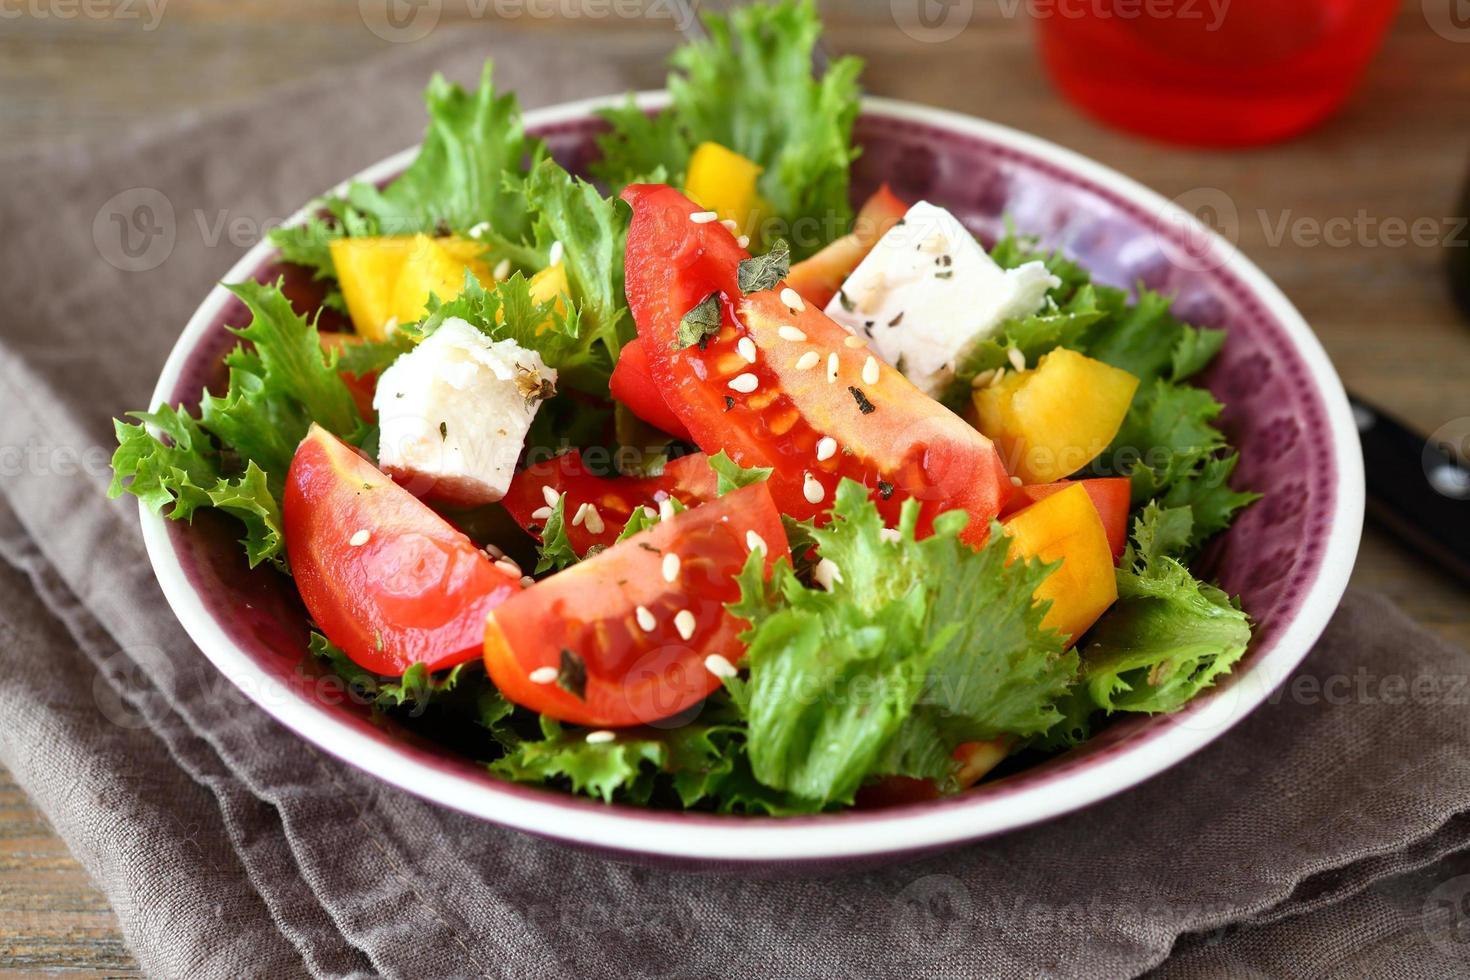 insalata con pomodori, formaggio e verdure foto